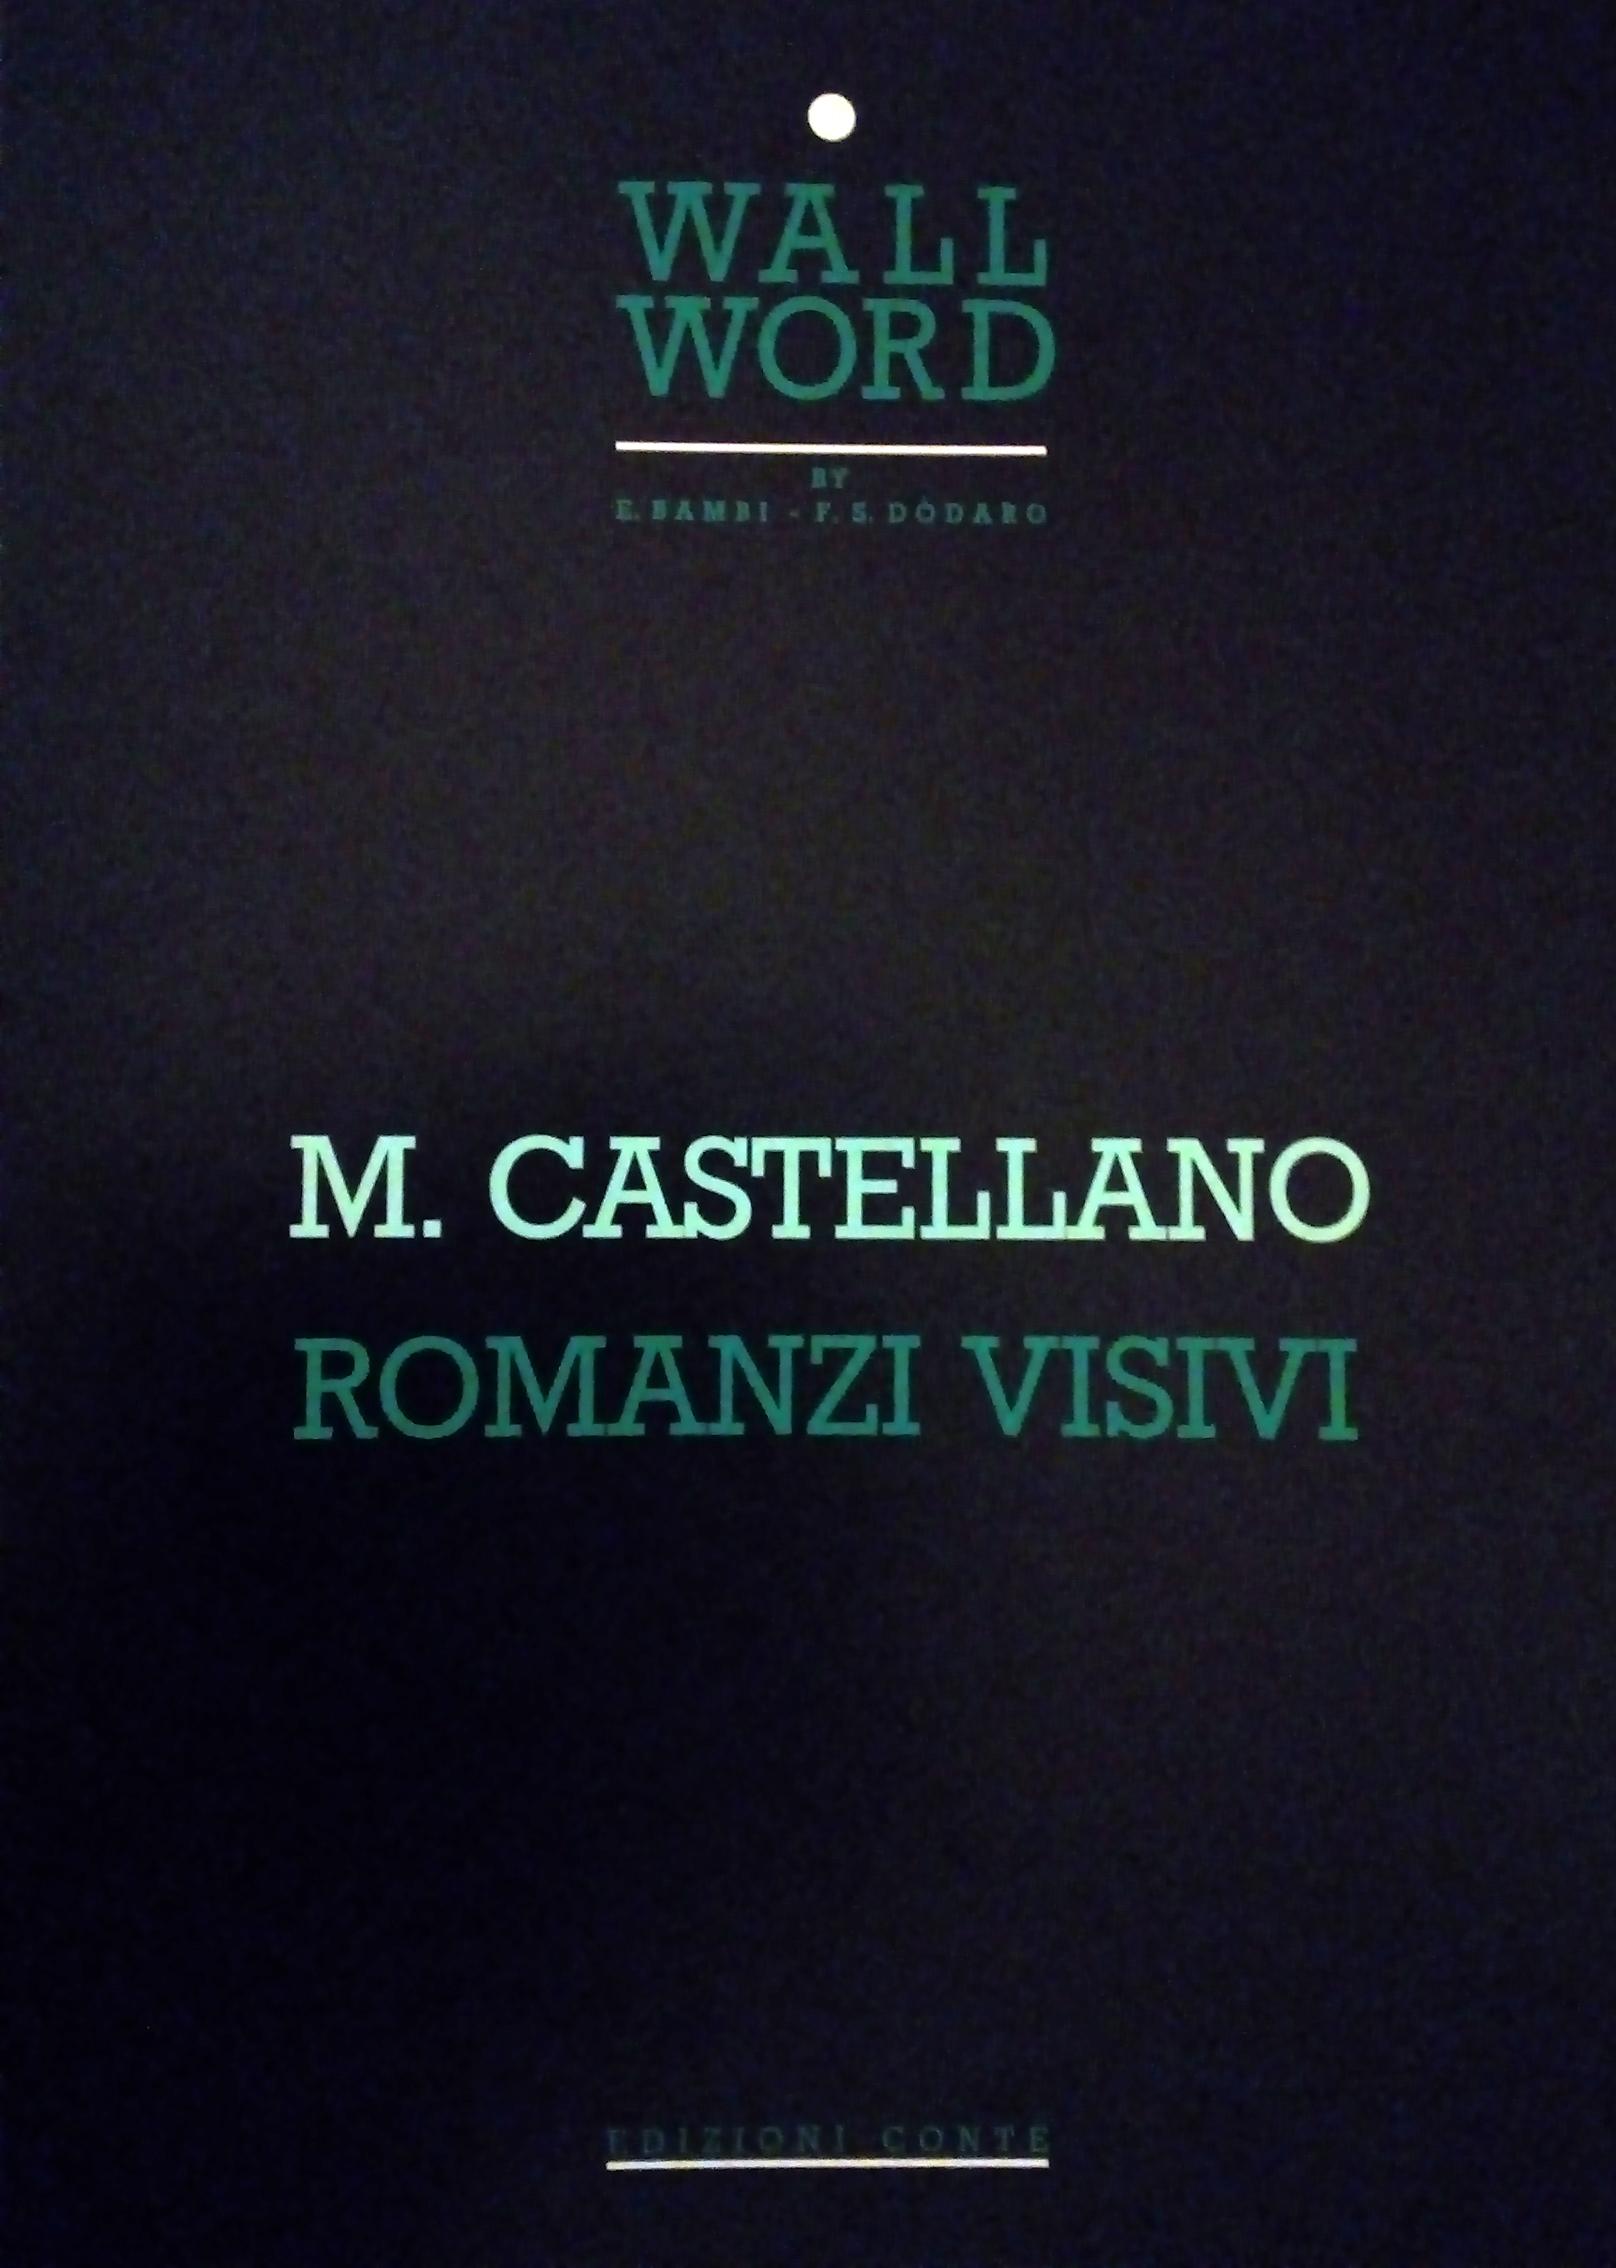 Poesia qualepoesia/35: I romanzi visivi di Mimmo Castellano